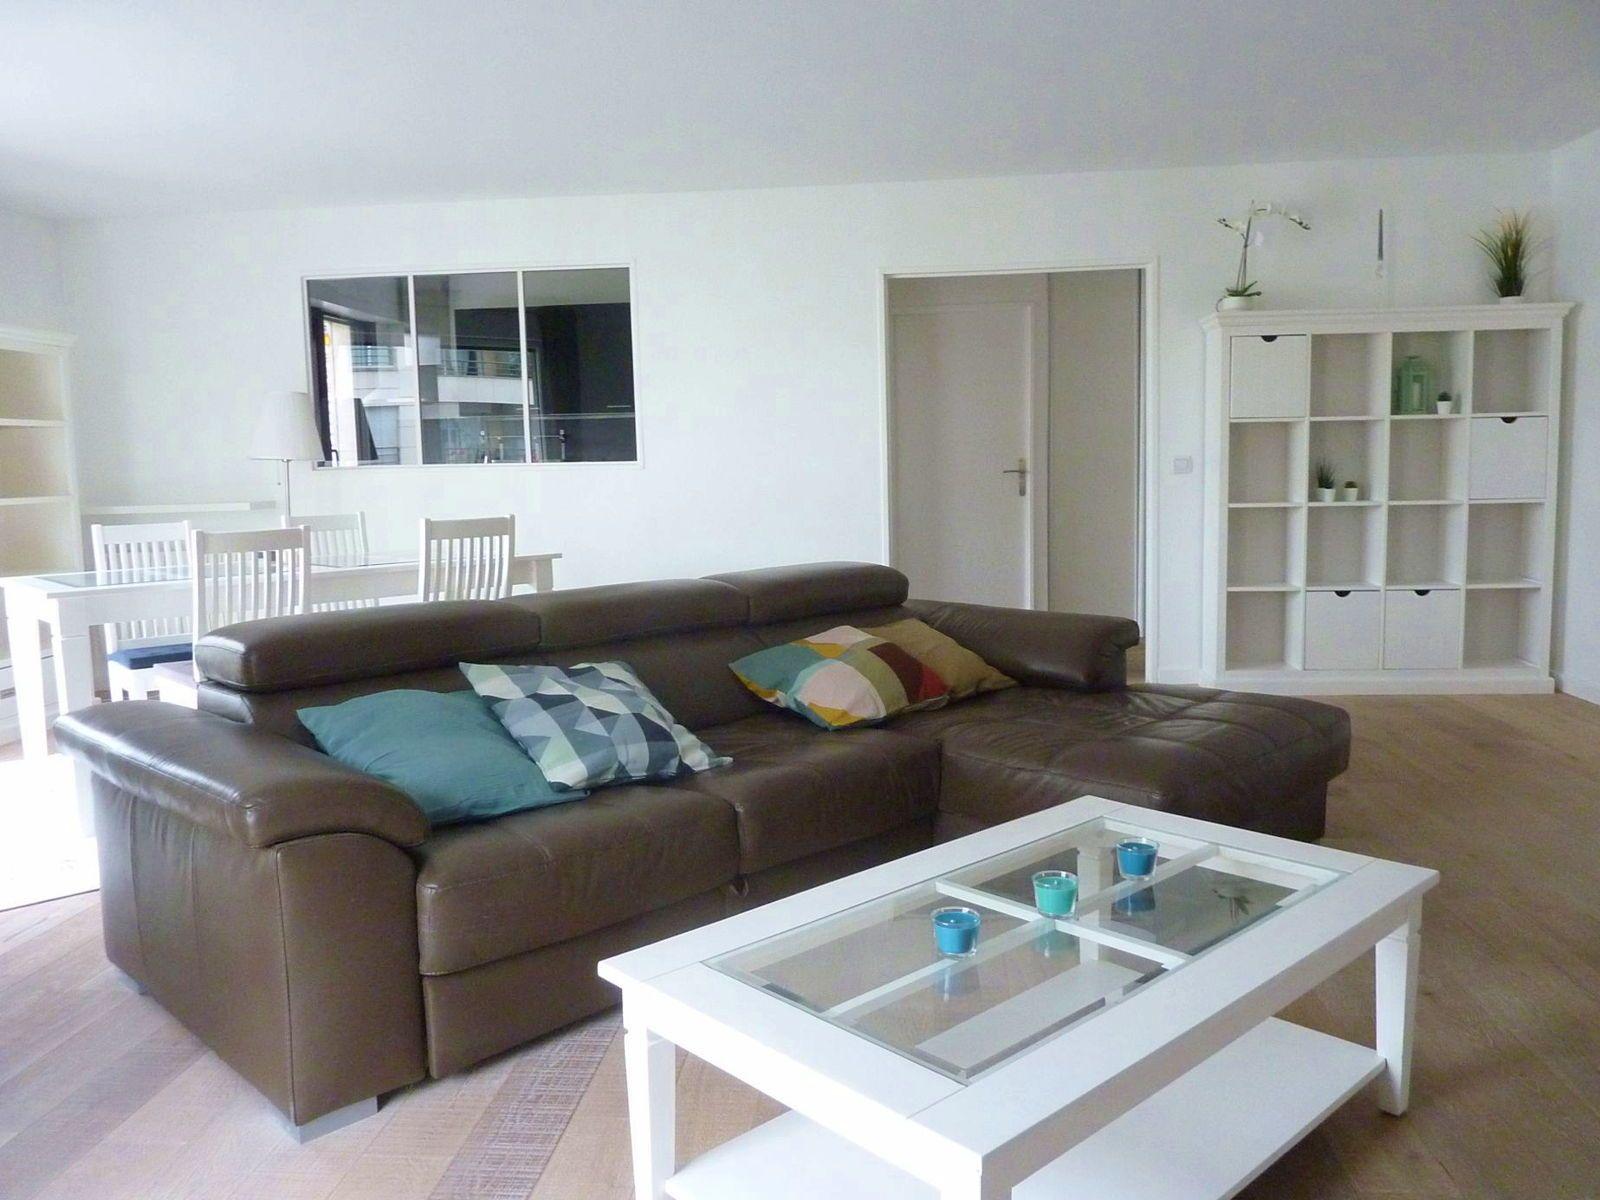 Loue appartement 3pièces Boulogne-Billancourt (92) - 84m²